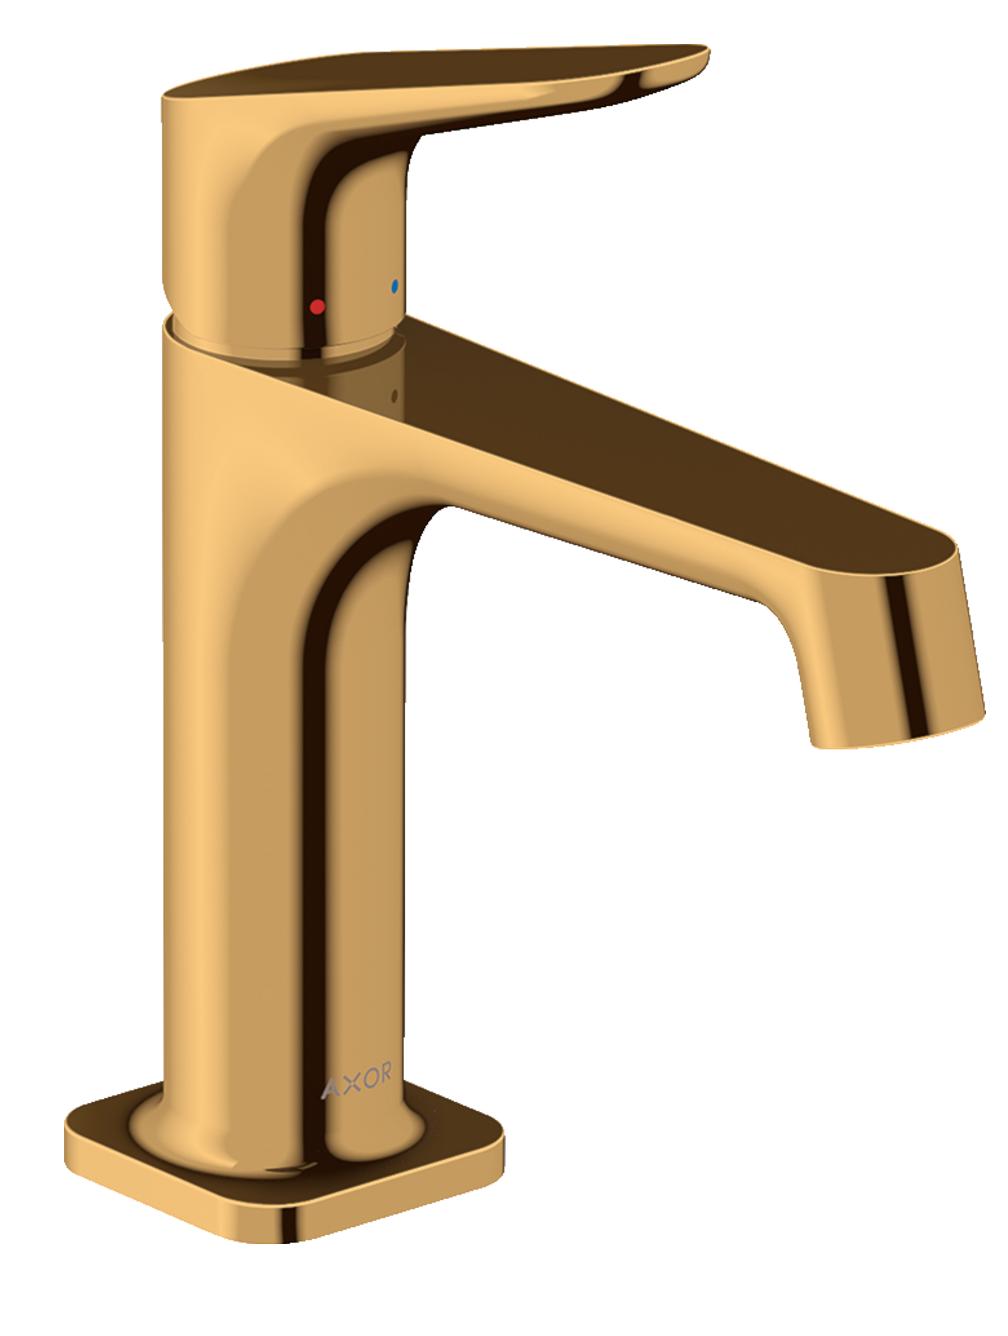 Mitigeur de lavabo AXOR Citterio M 100 avec tirette et vidage aspect doré poli